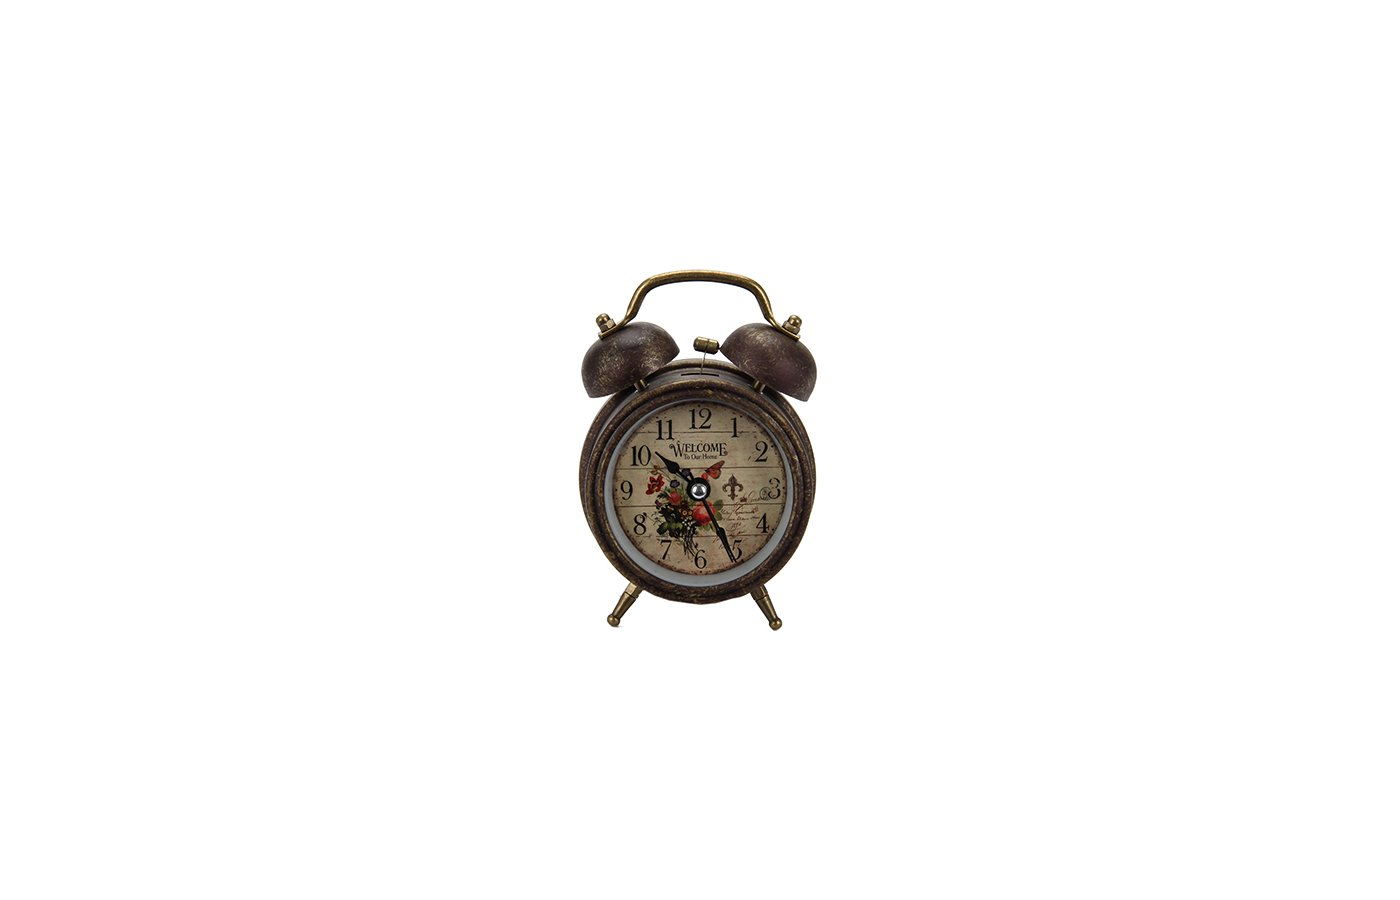 Будильник 529-096 Будильник электронный с подсветкой Ретро 3 металл пластик 12х85х55см 1хАА